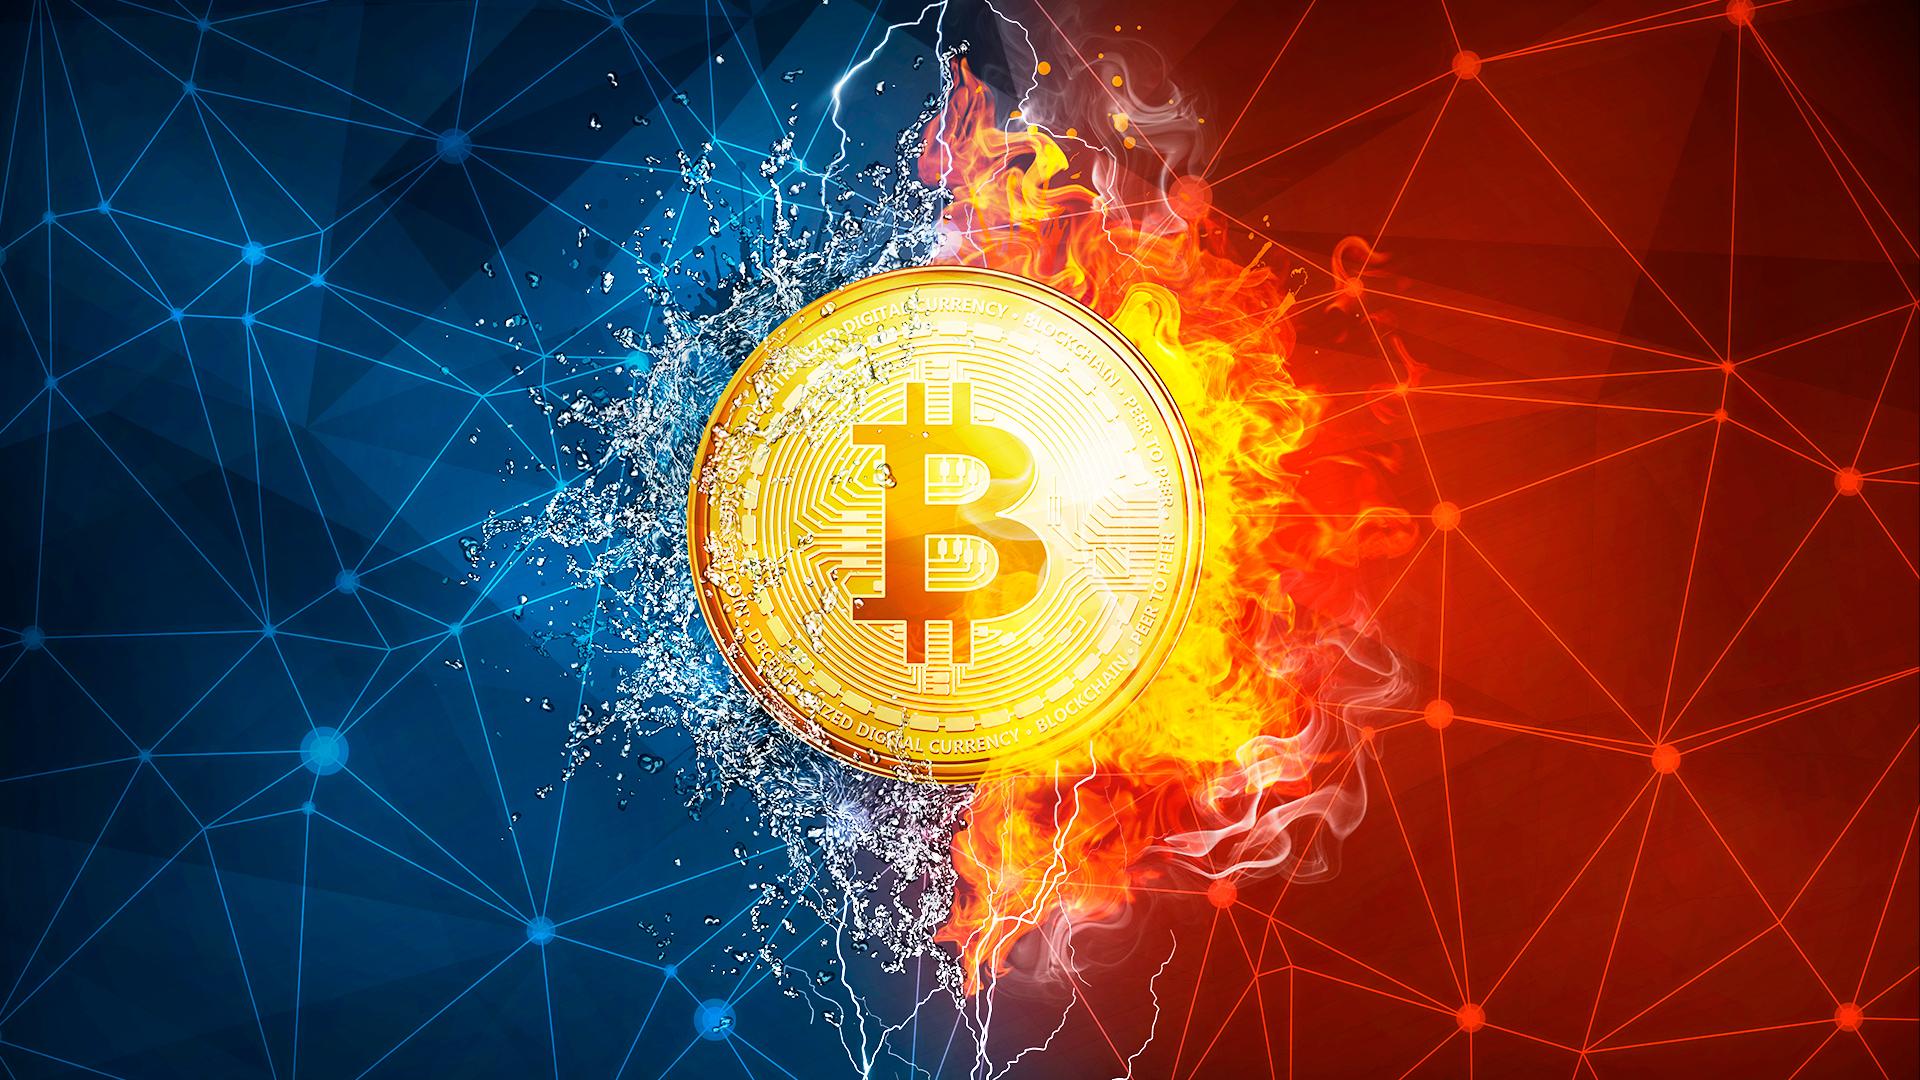 Bitcoin, Geld, Kryptowährung, Währung, Bitcoins, Crypto-Währung, Bitcoin-Börse, Wallet, virtuelle Währung, Krypto, Crypto, Cryptowährung, Krypto-Börse, Münzen, Kryptocoins, Coins, Coin, Kryptowährungen, Kryptowährungsbrieftasche, BTC, XBT, Münze, Geldstück